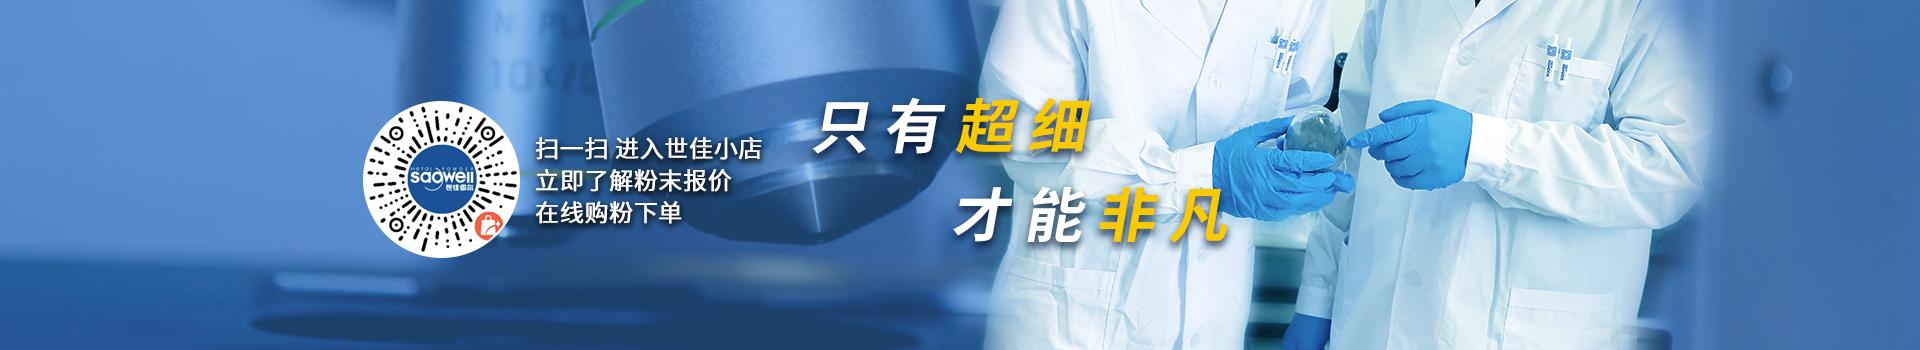 世佳微尔,微纳米超细铁粉、铜粉、预合金粉生产厂家